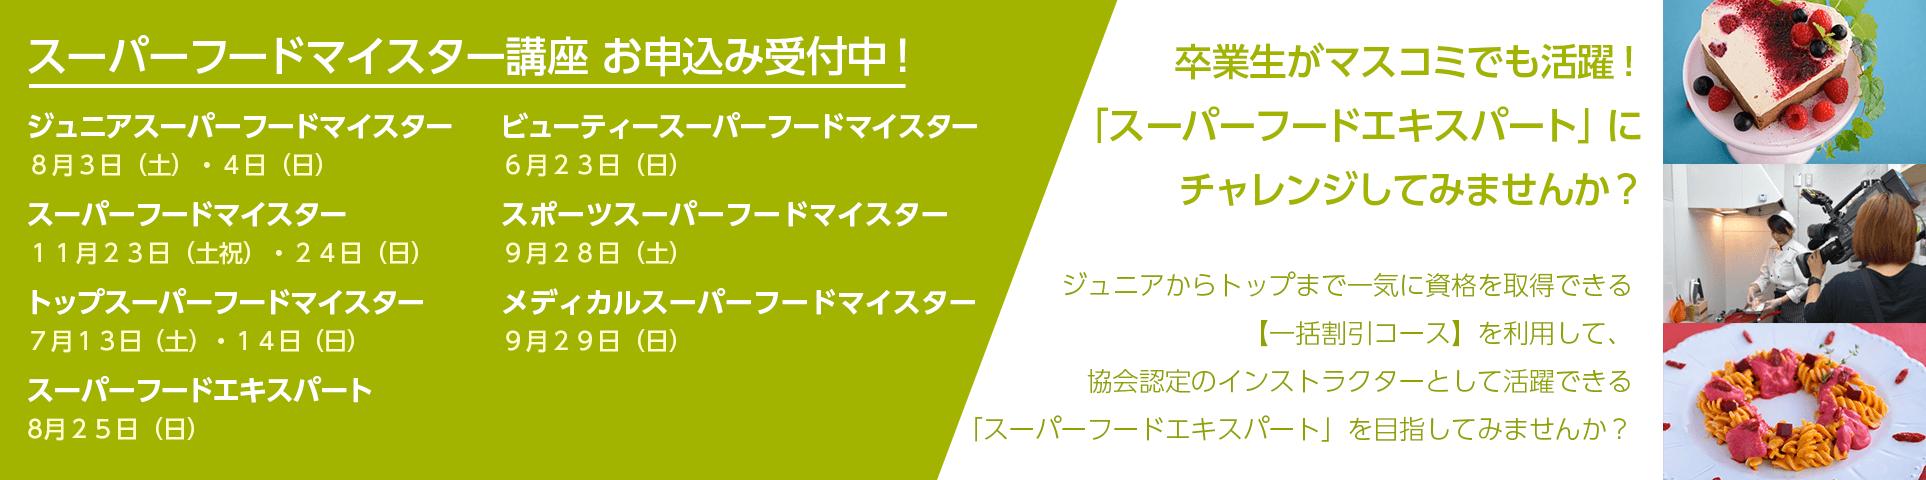 スーパーフードマイスター講座お申込み受付中!